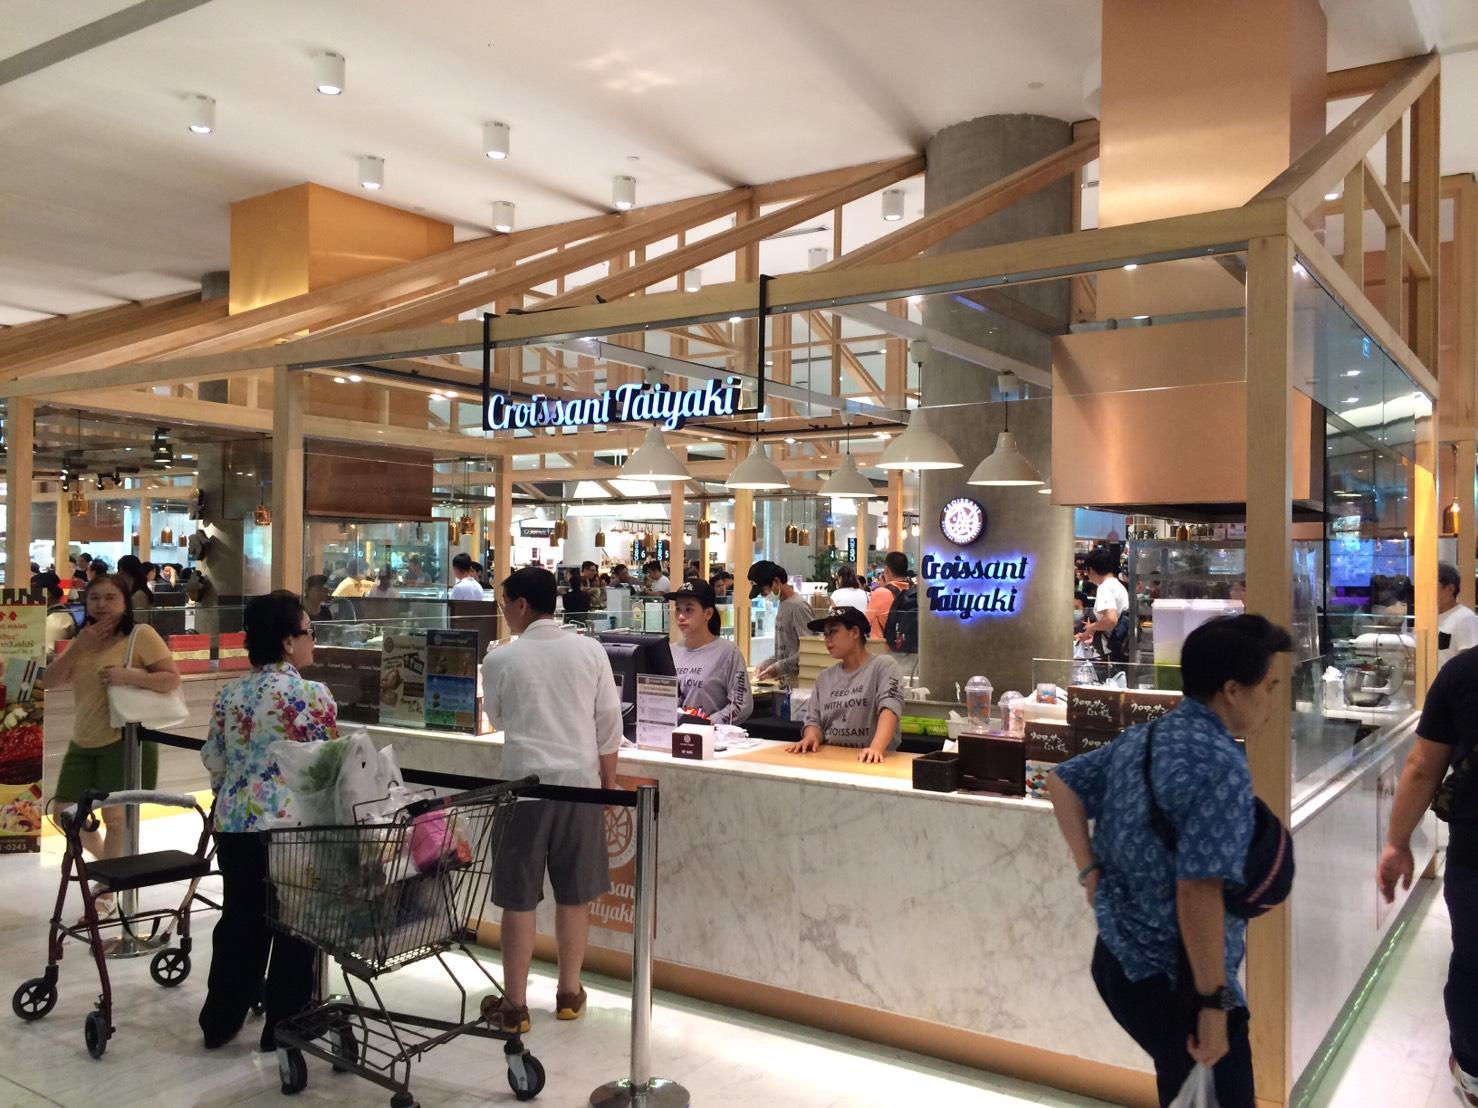 銀のあん Croissant Taiyaki エムクオーティエ店